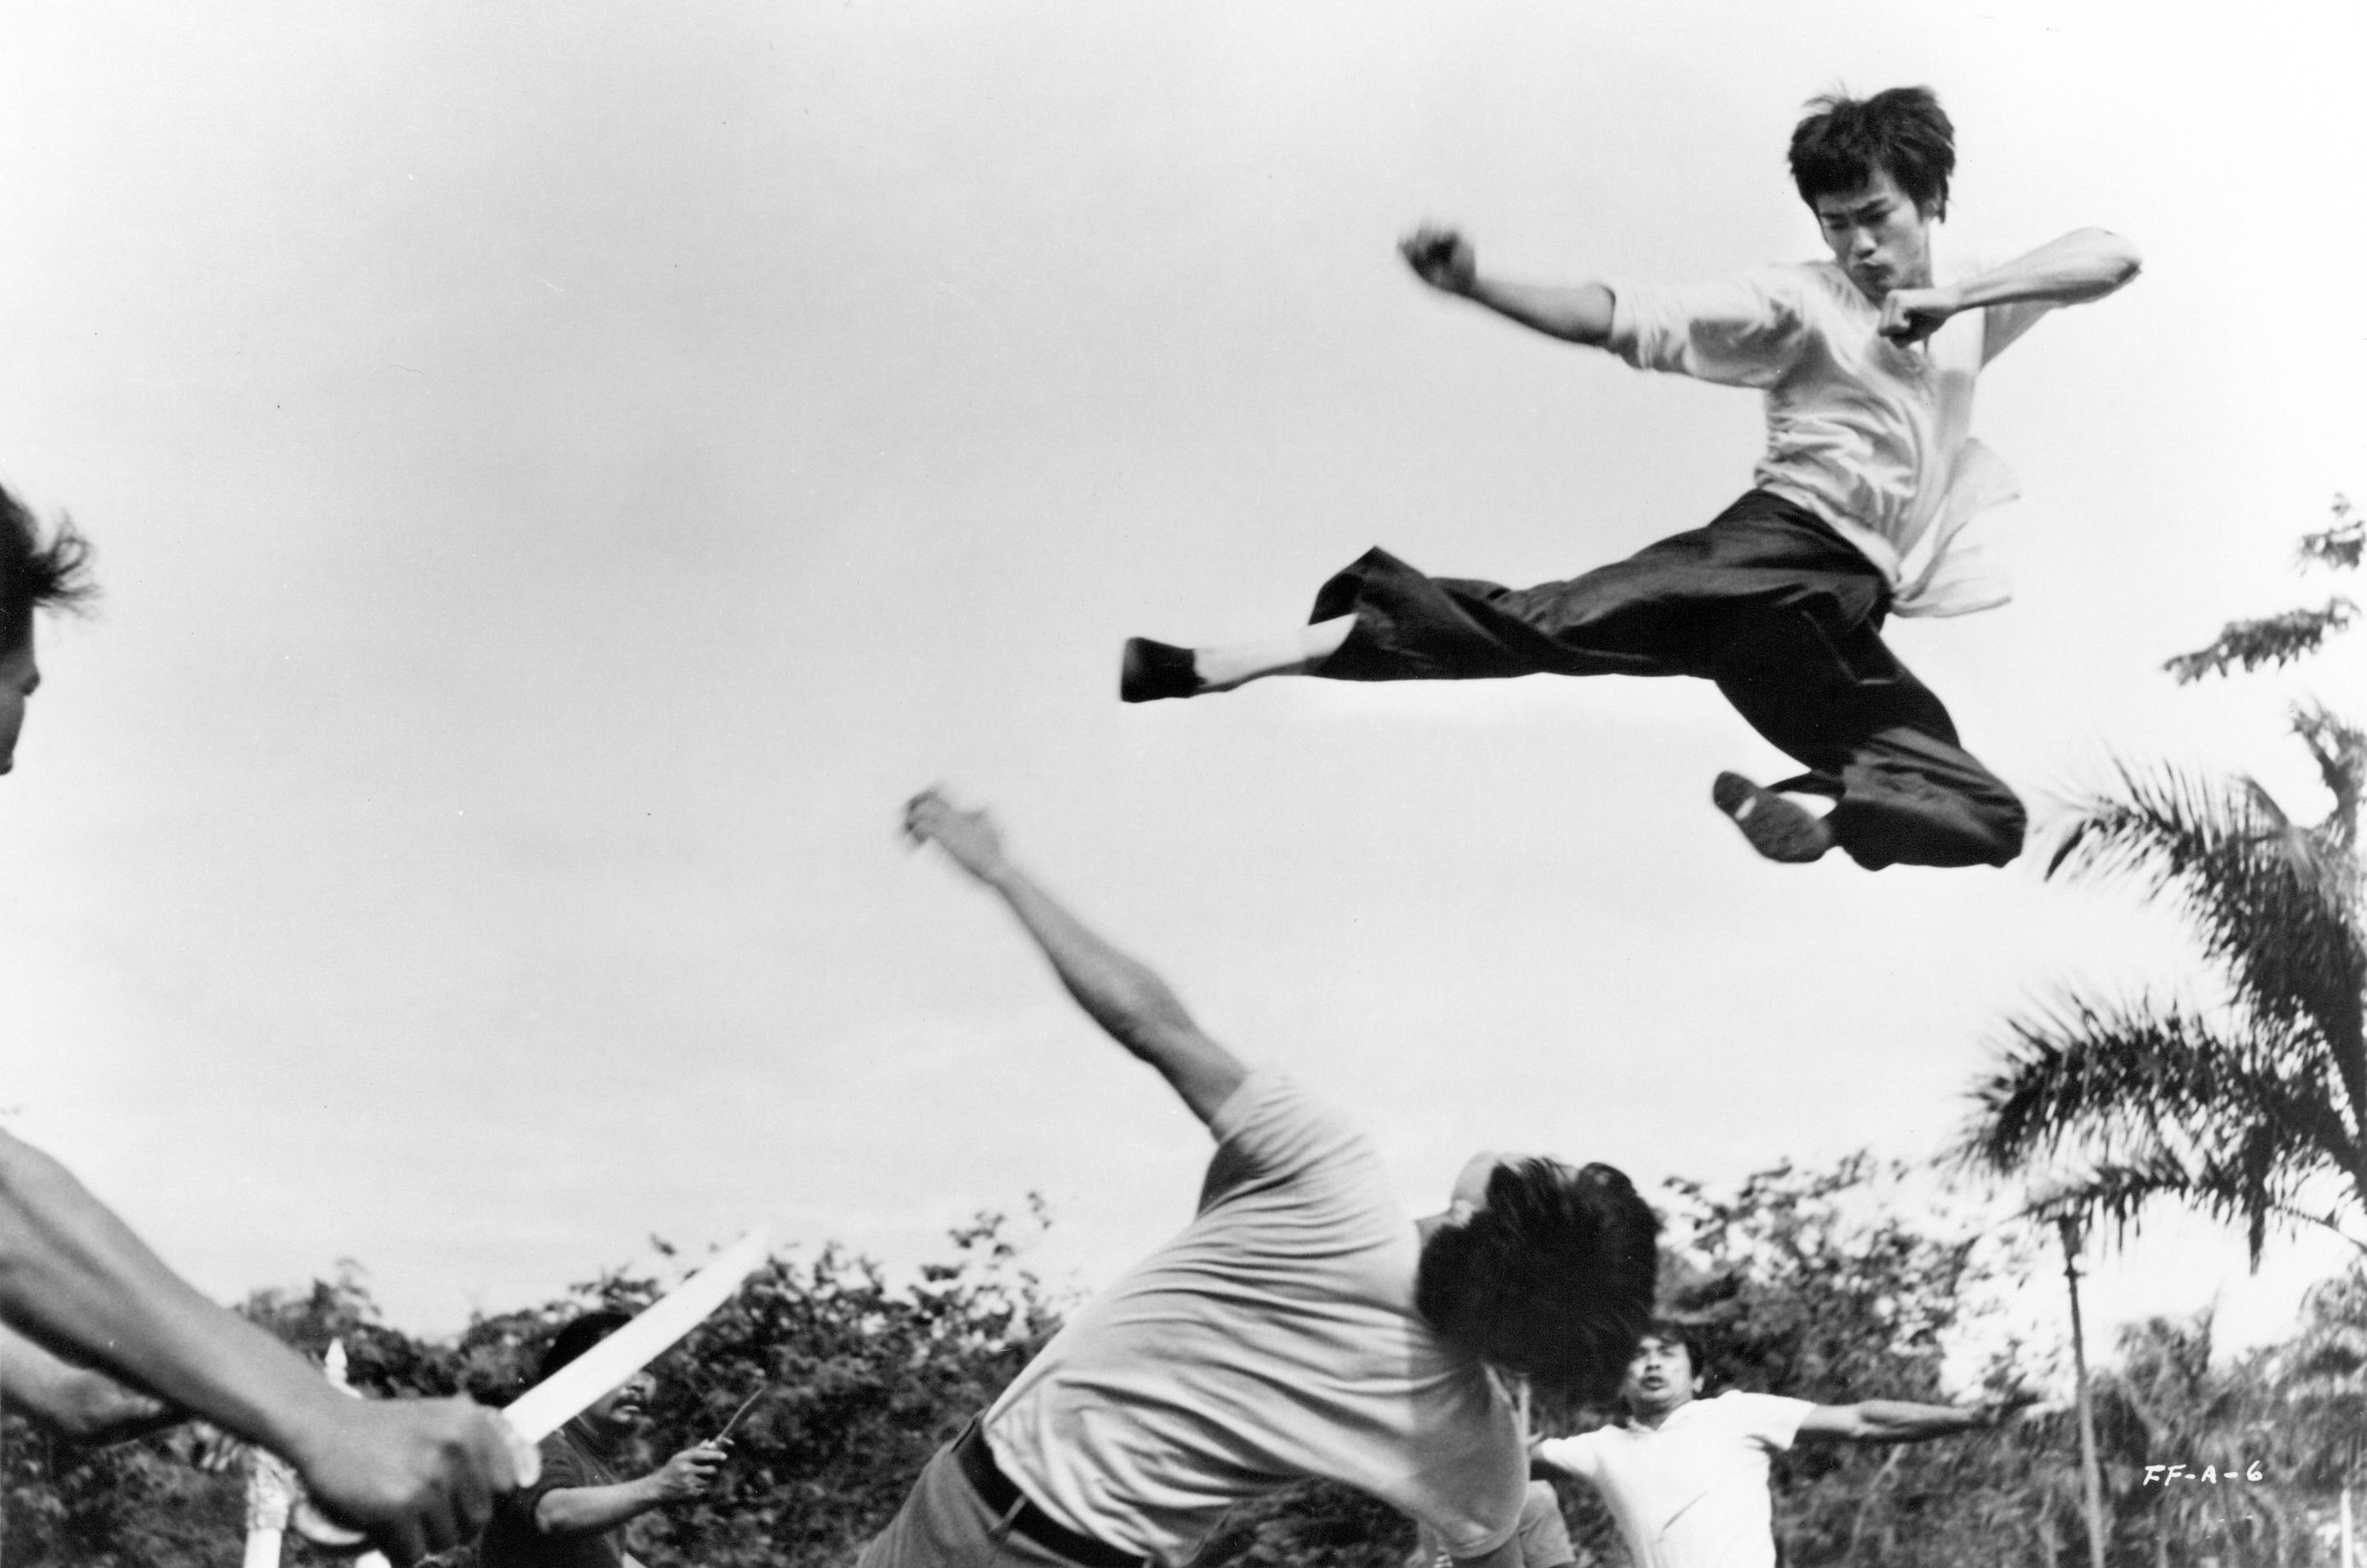 Cel mai mare secret din viata lui Bruce Lee va fi dezvaluit. Lupta care l-a transformat in legenda